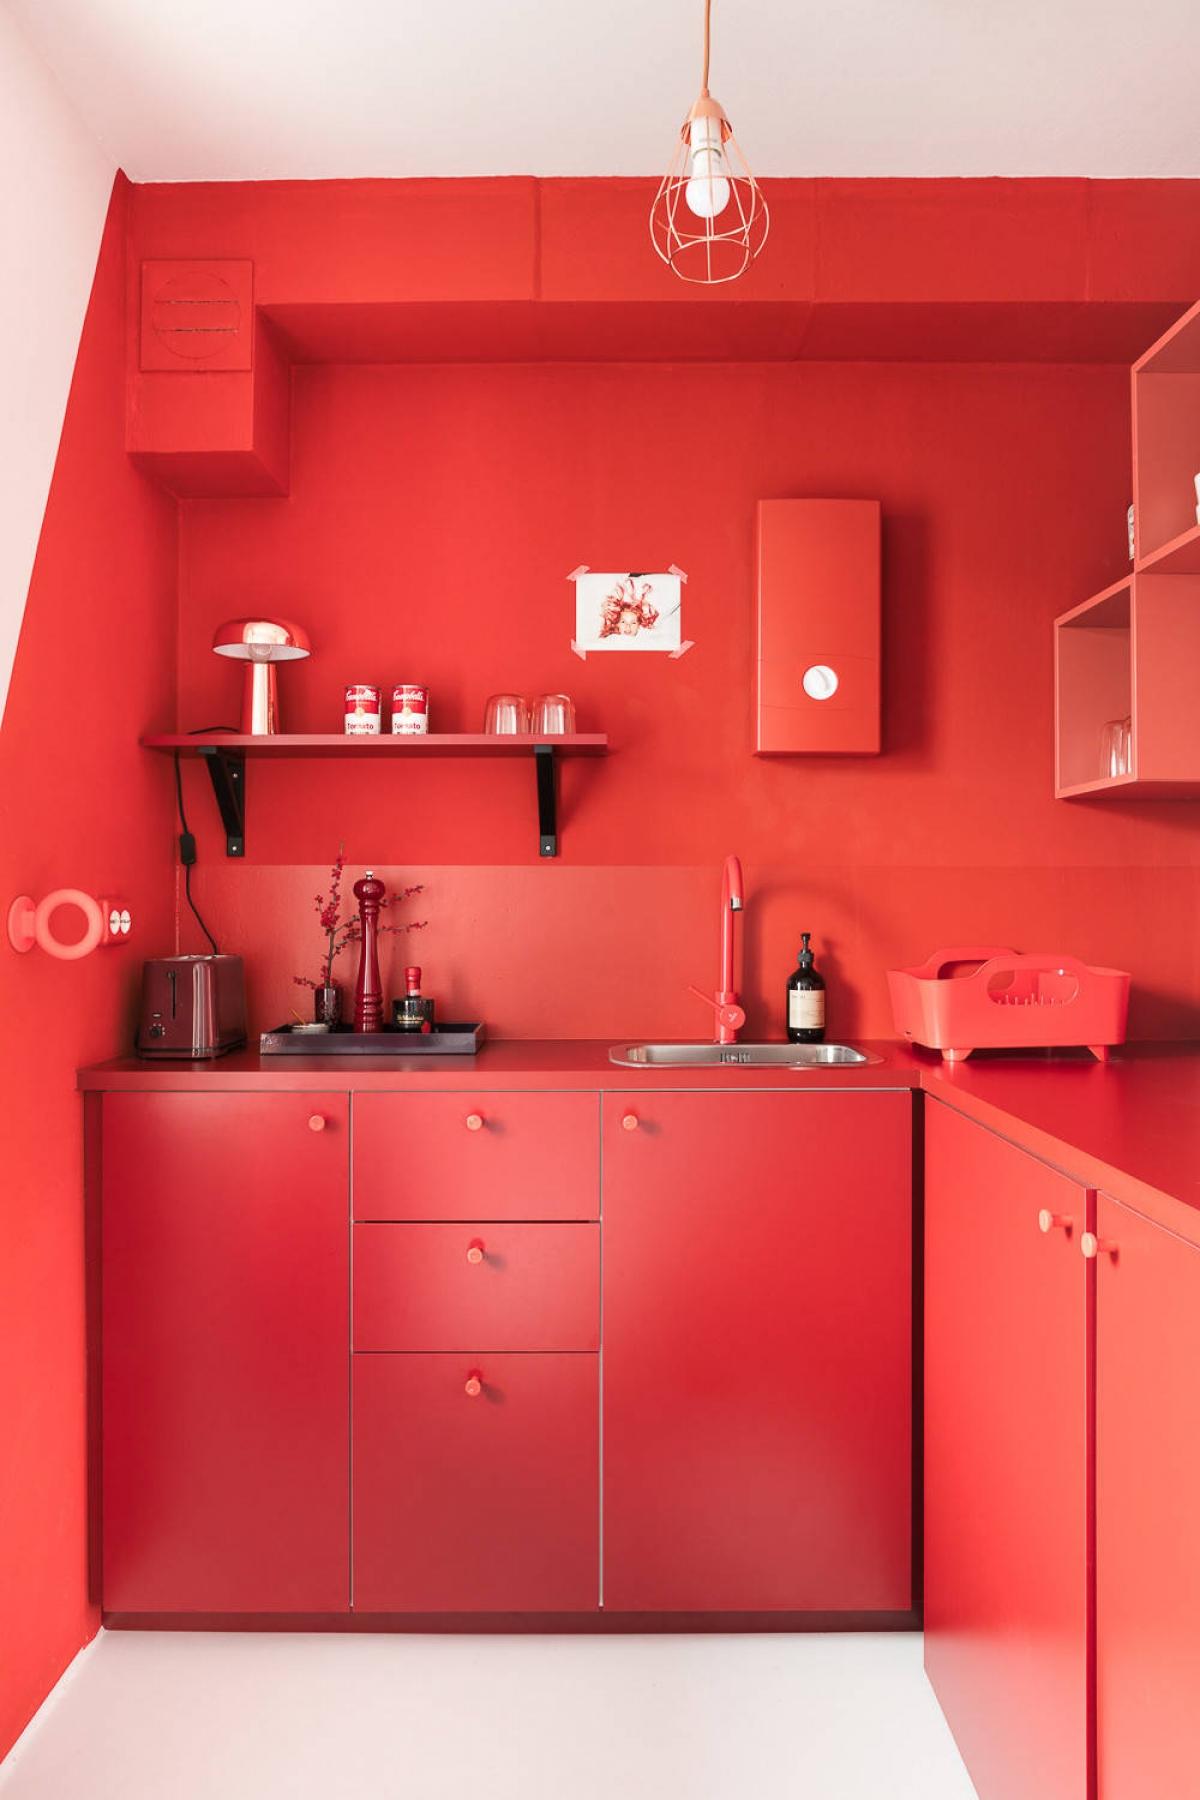 Một ý tưởng cho những ai chuộng màu nóng trong trang trí nội thất.